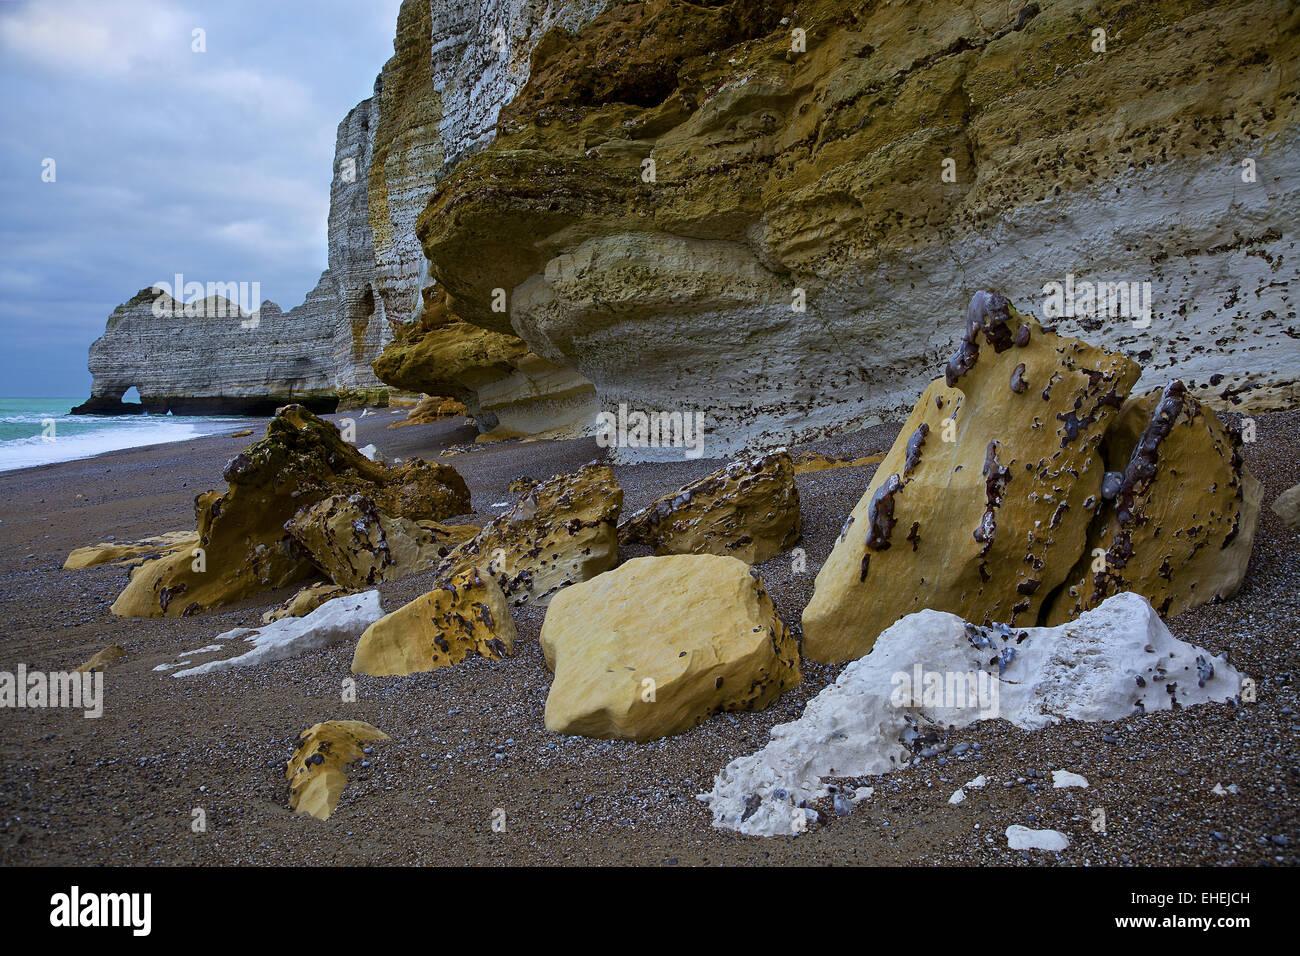 Alabaster Coast, Etretat, Normandy, France - Stock Image